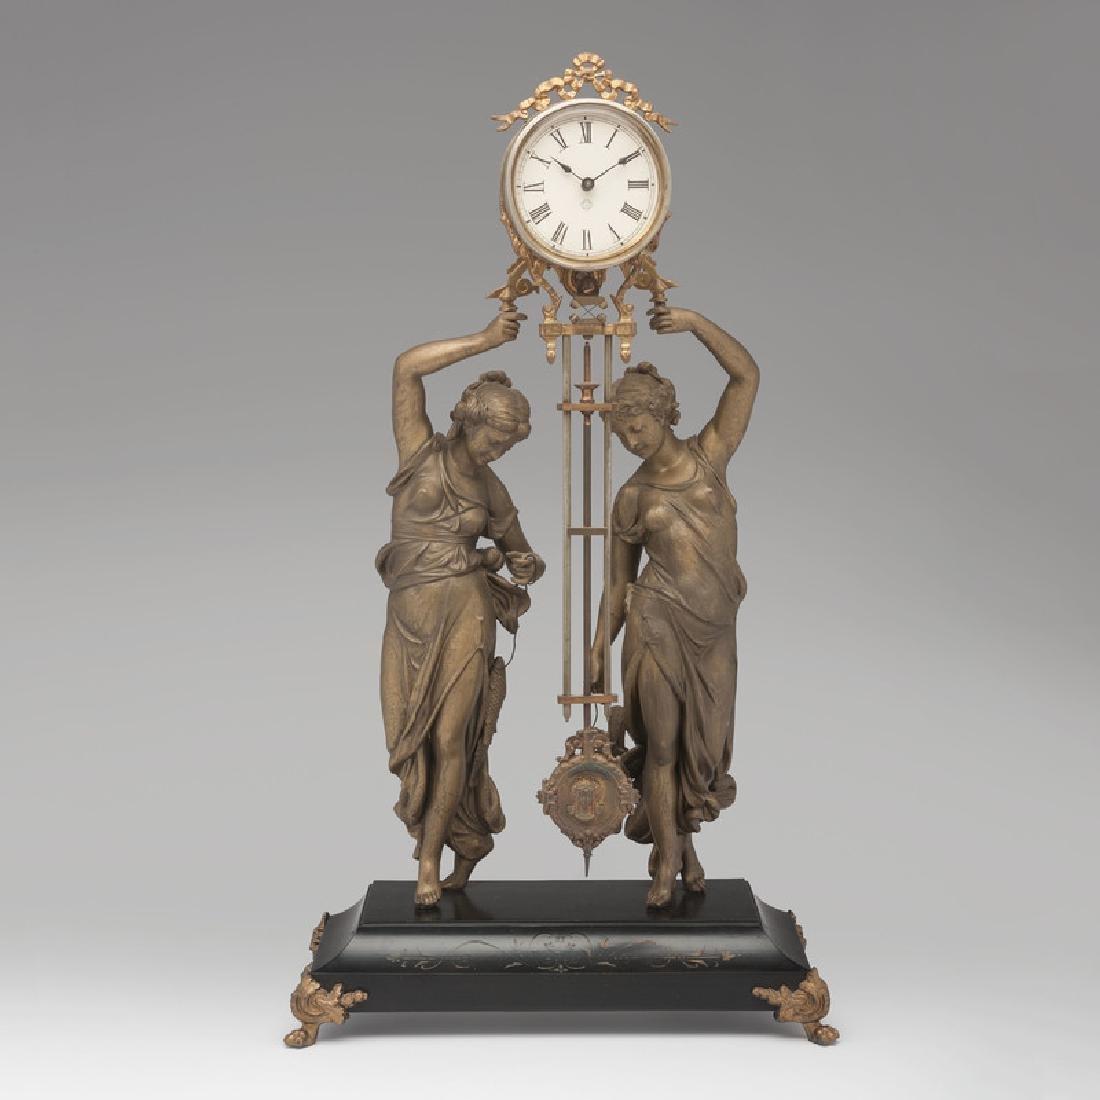 Rare Ansonia Swing Clock, Huntress & Fisher